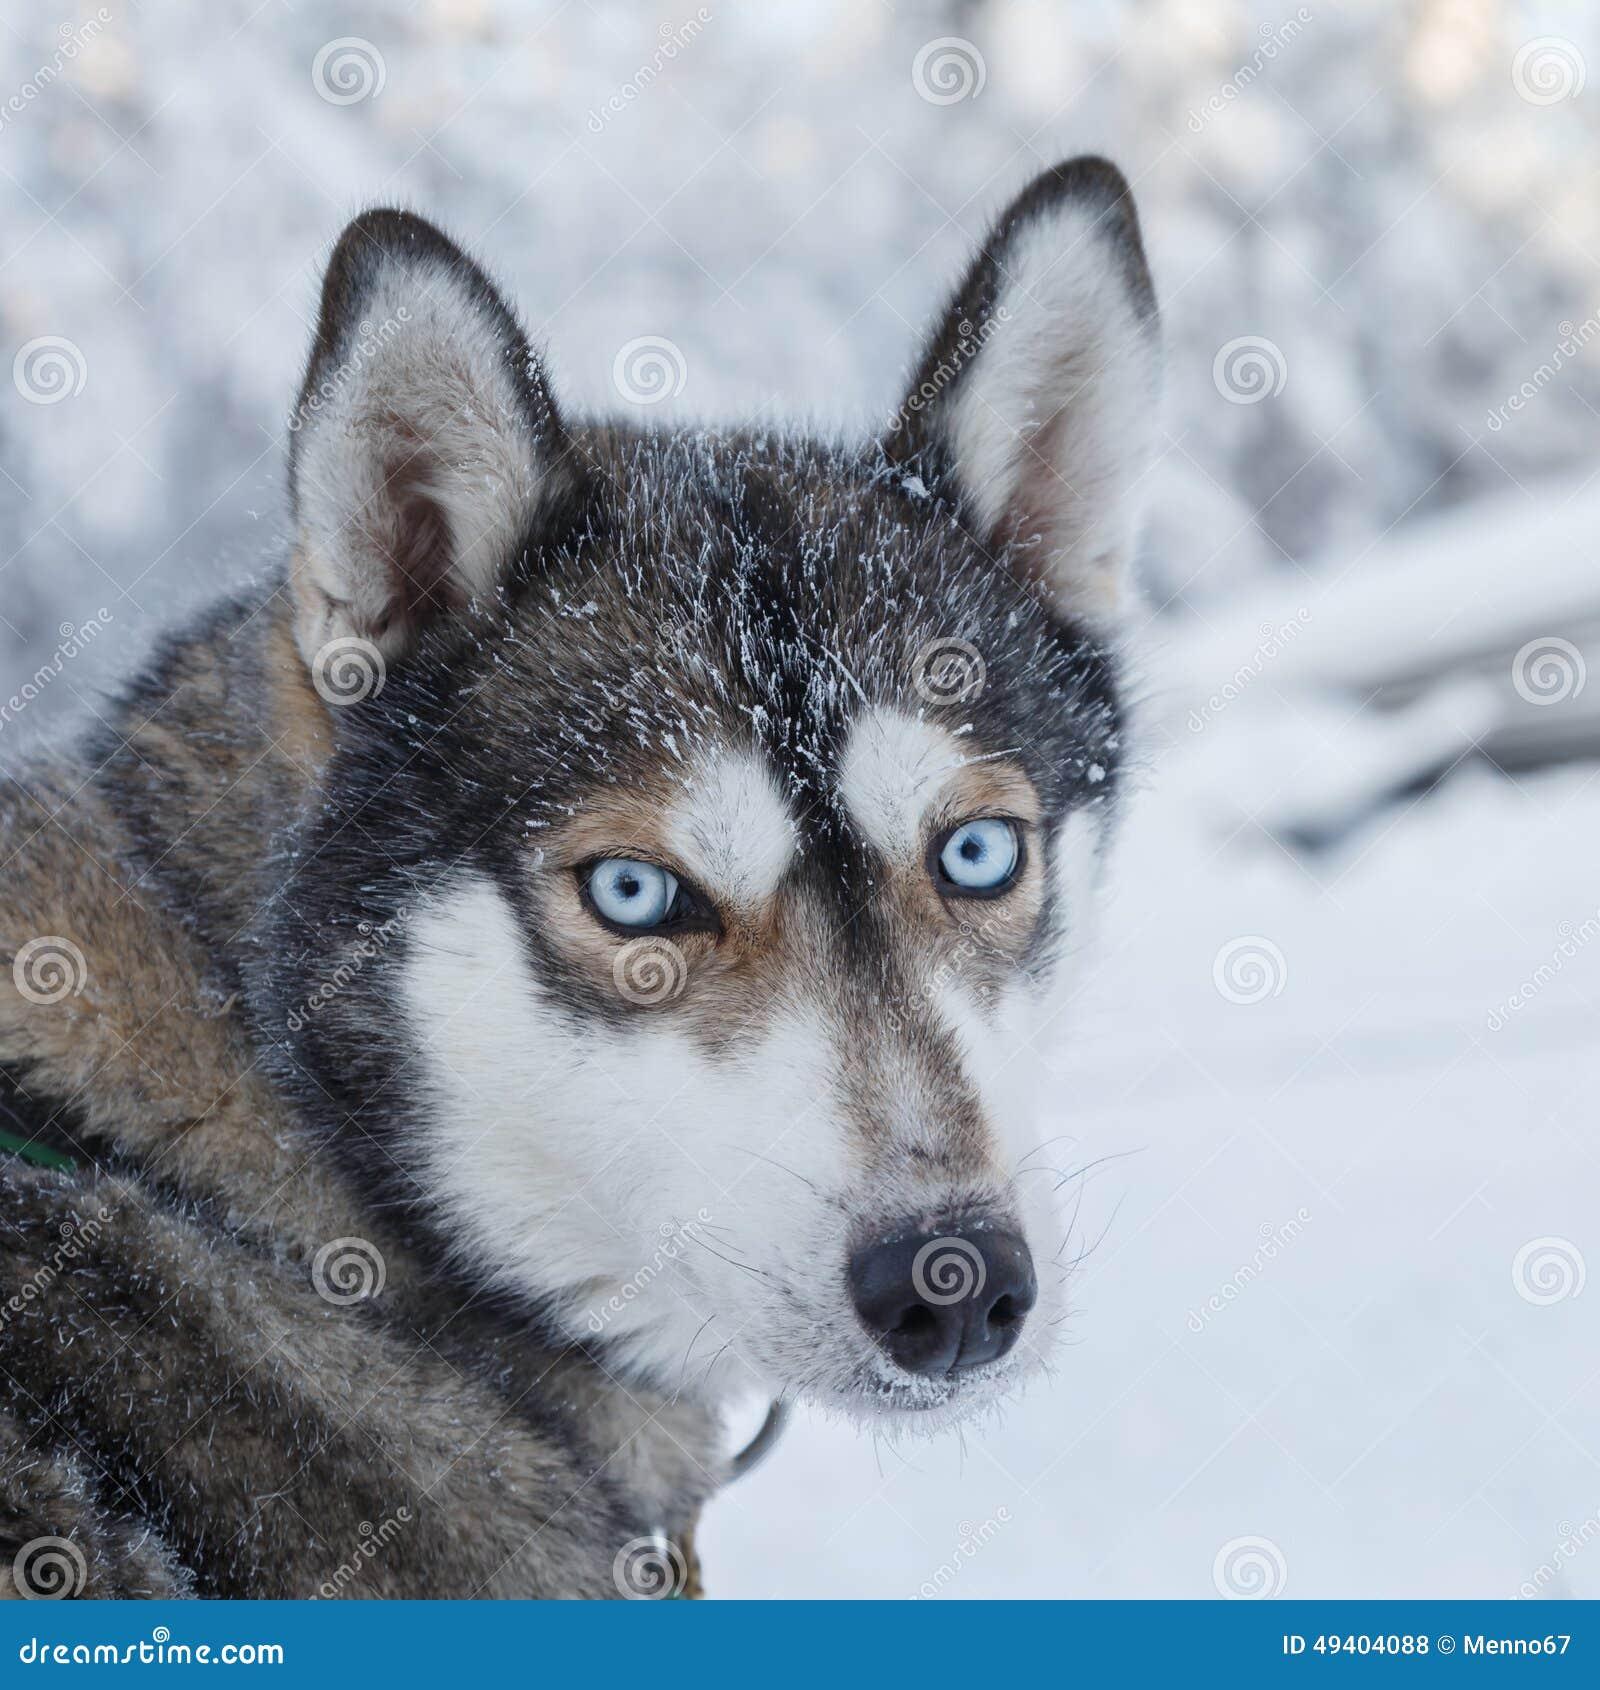 Download Blaue Augen stockfoto. Bild von grau, schön, pelz, heiser - 49404088